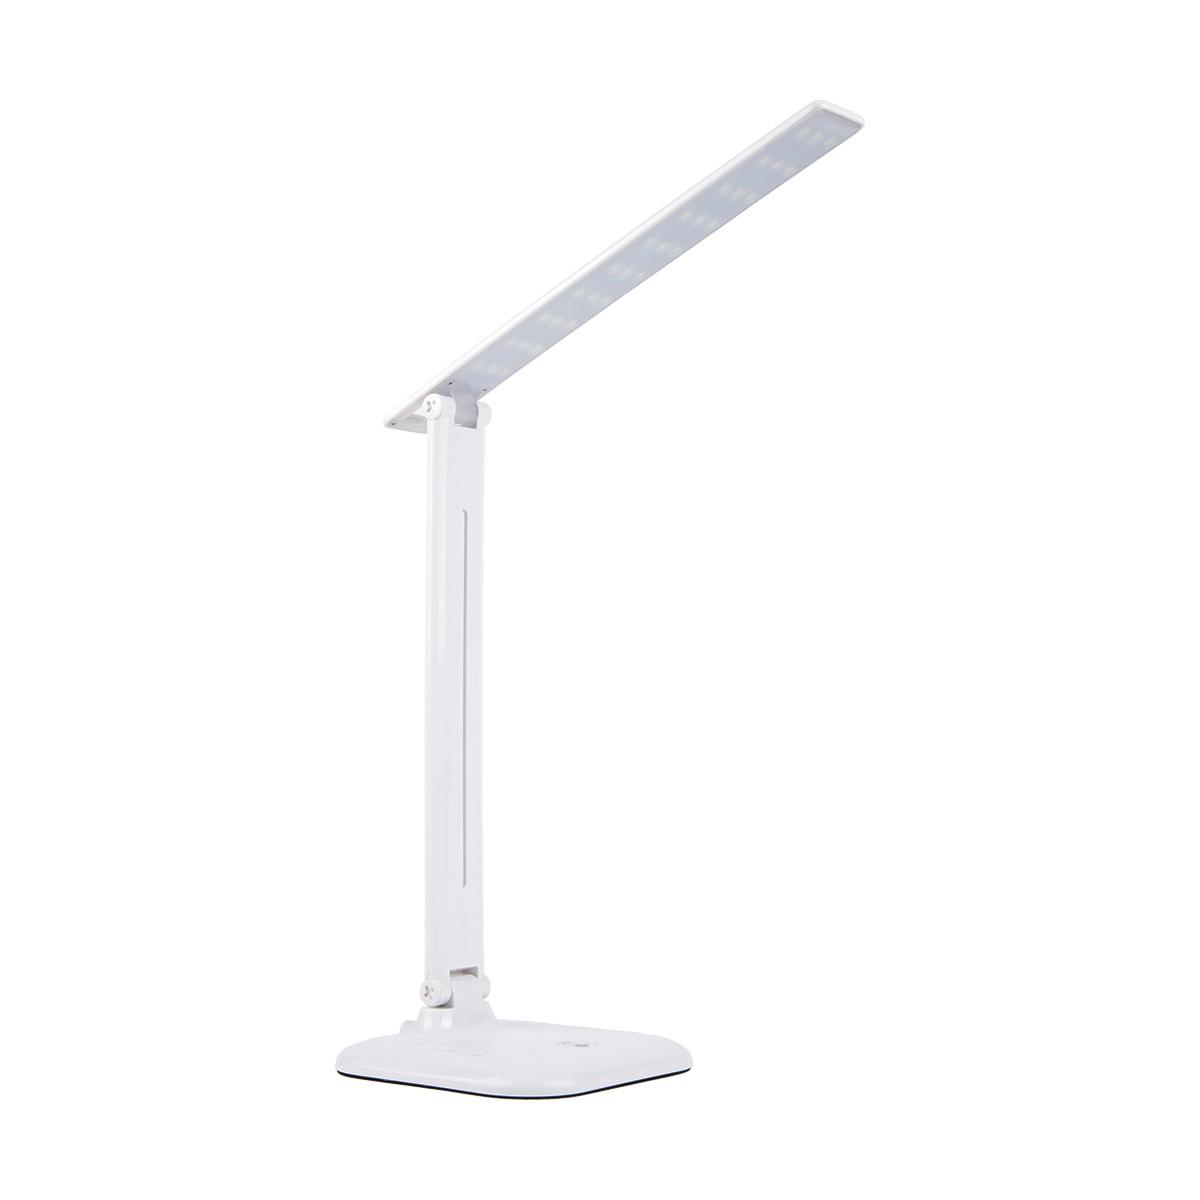 Настольный светильник Artstyle TL-305W, белый artstyle tl 315w